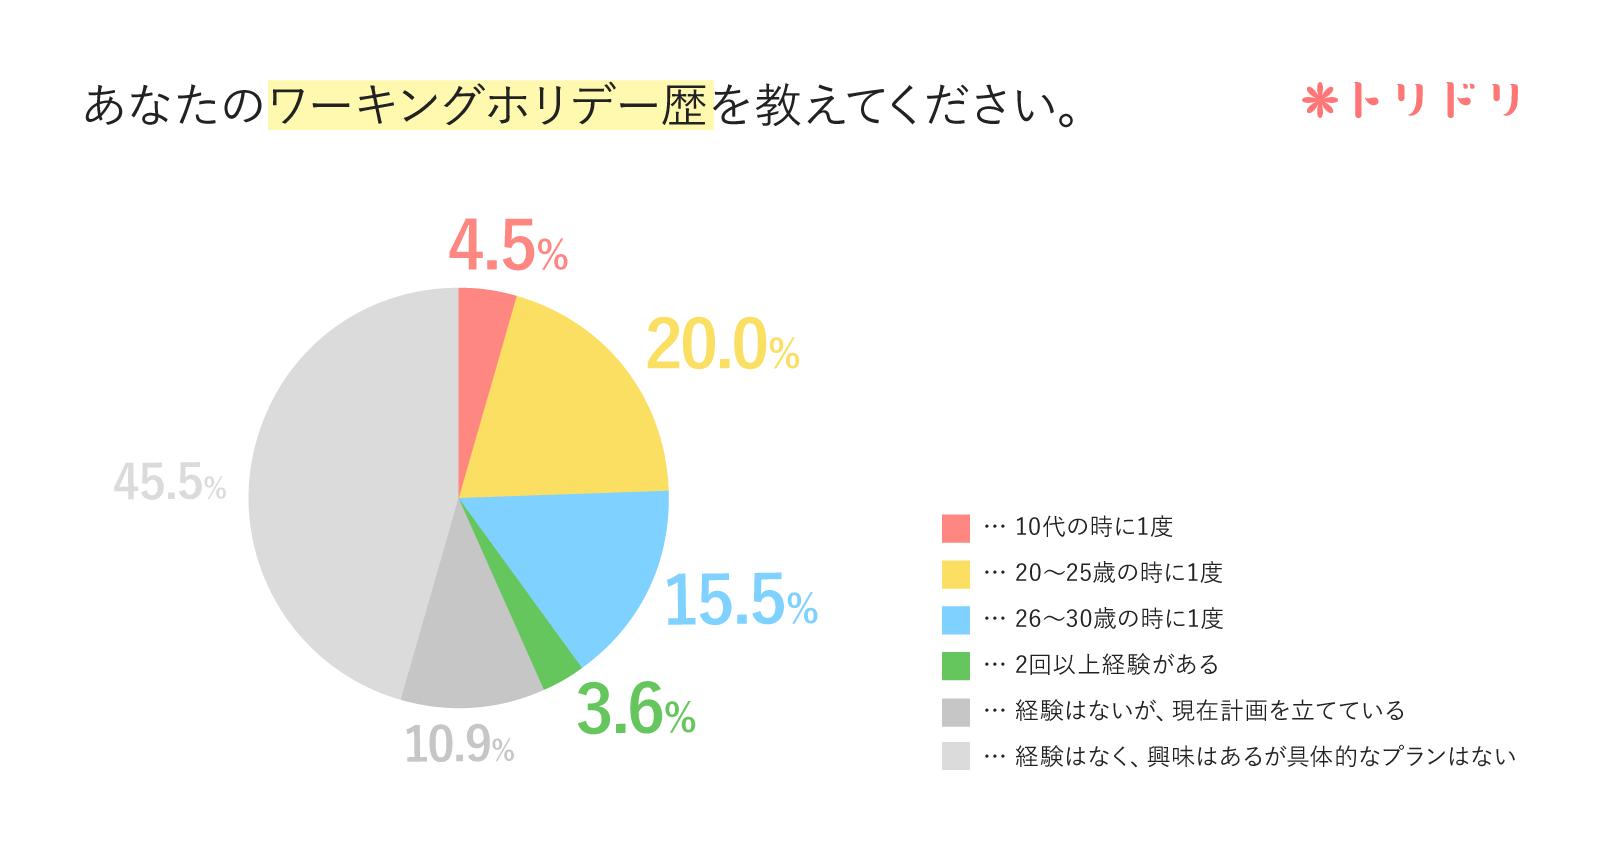 アンケート結果のグラフ:あなたのワーキングホリデー歴を教えてください。